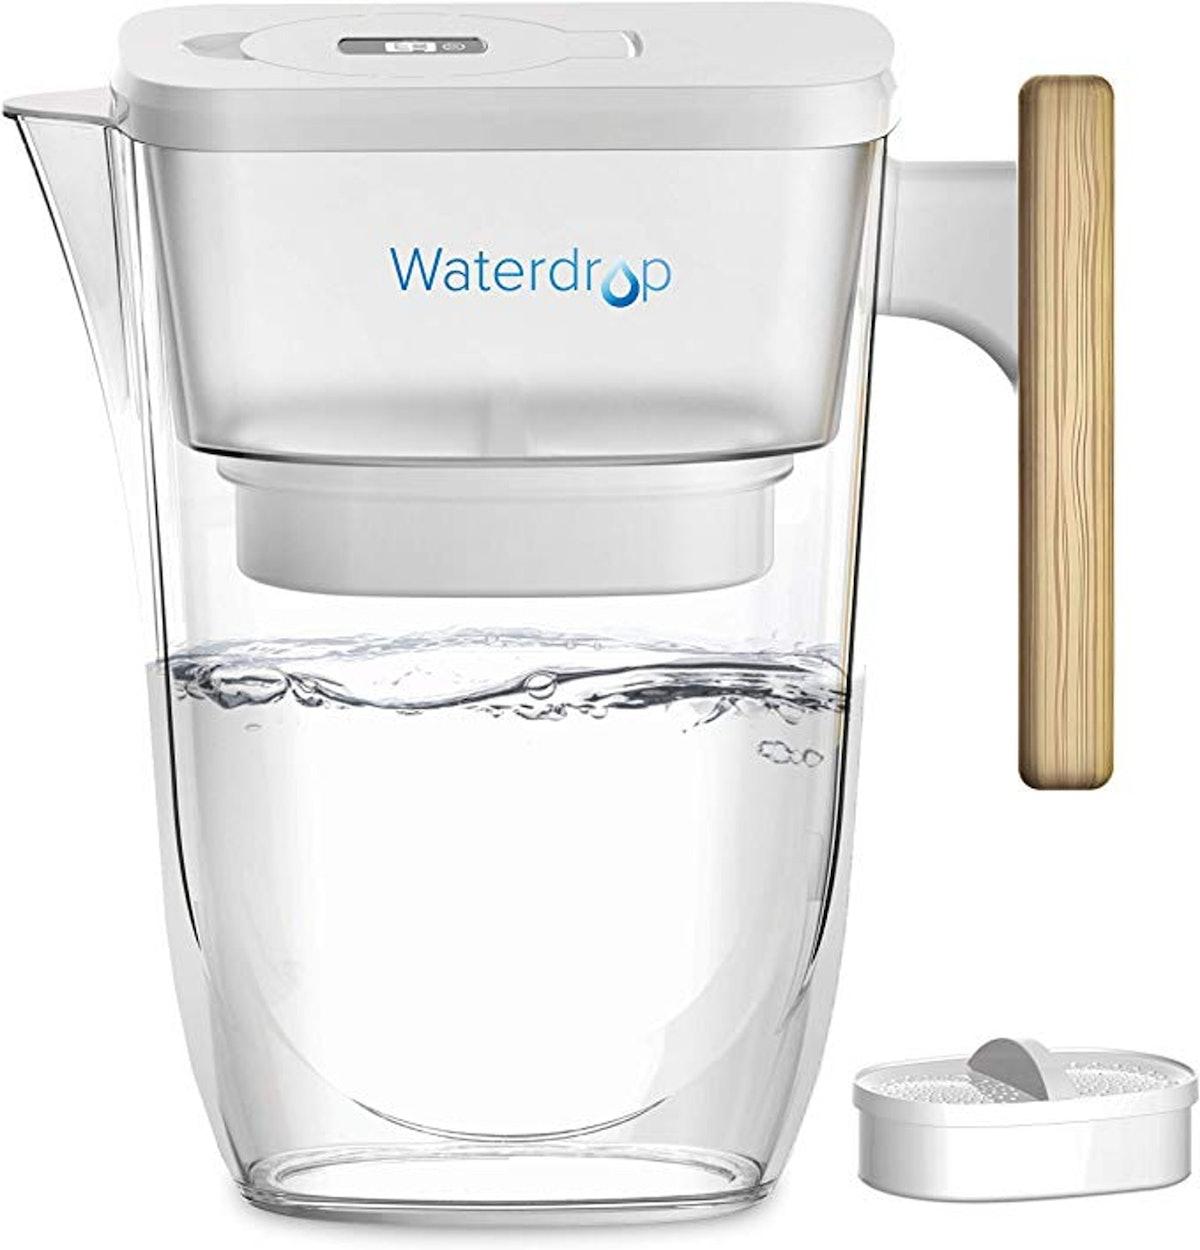 Waterdrop Extream BPA Free Water Filter